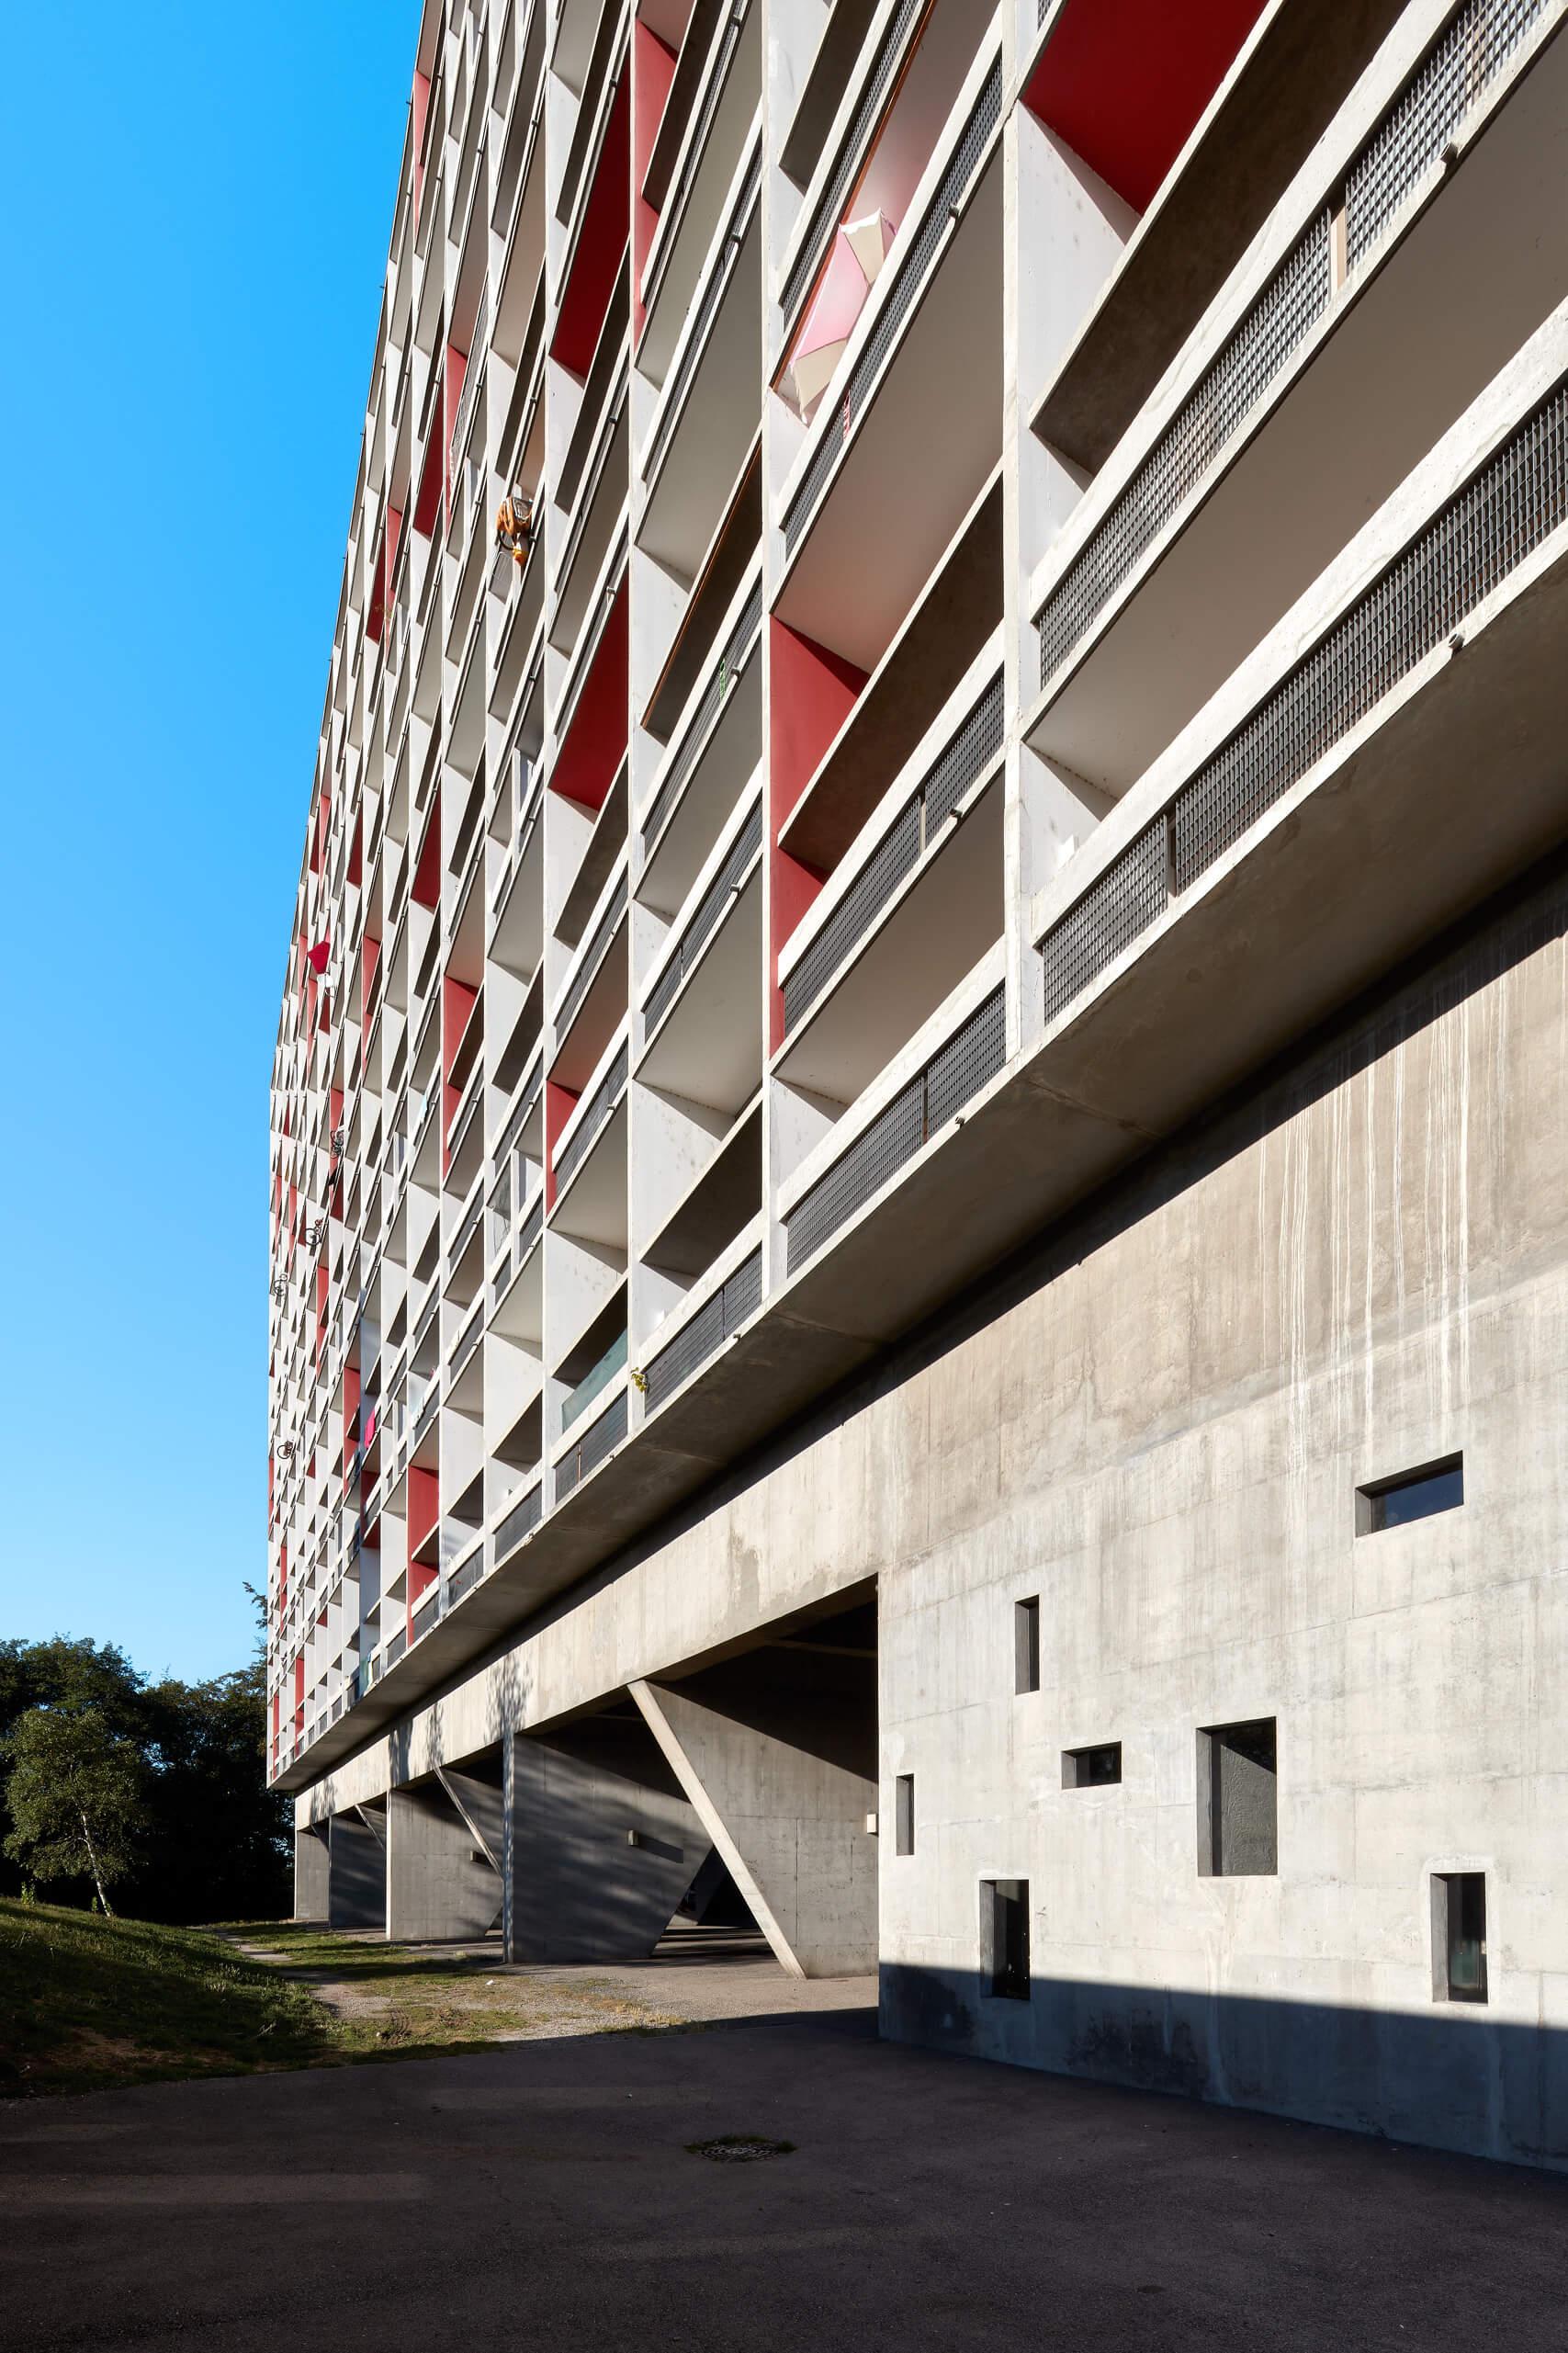 Federico_Covre_Unité_Firminy_Le_Corbusier_2018_08